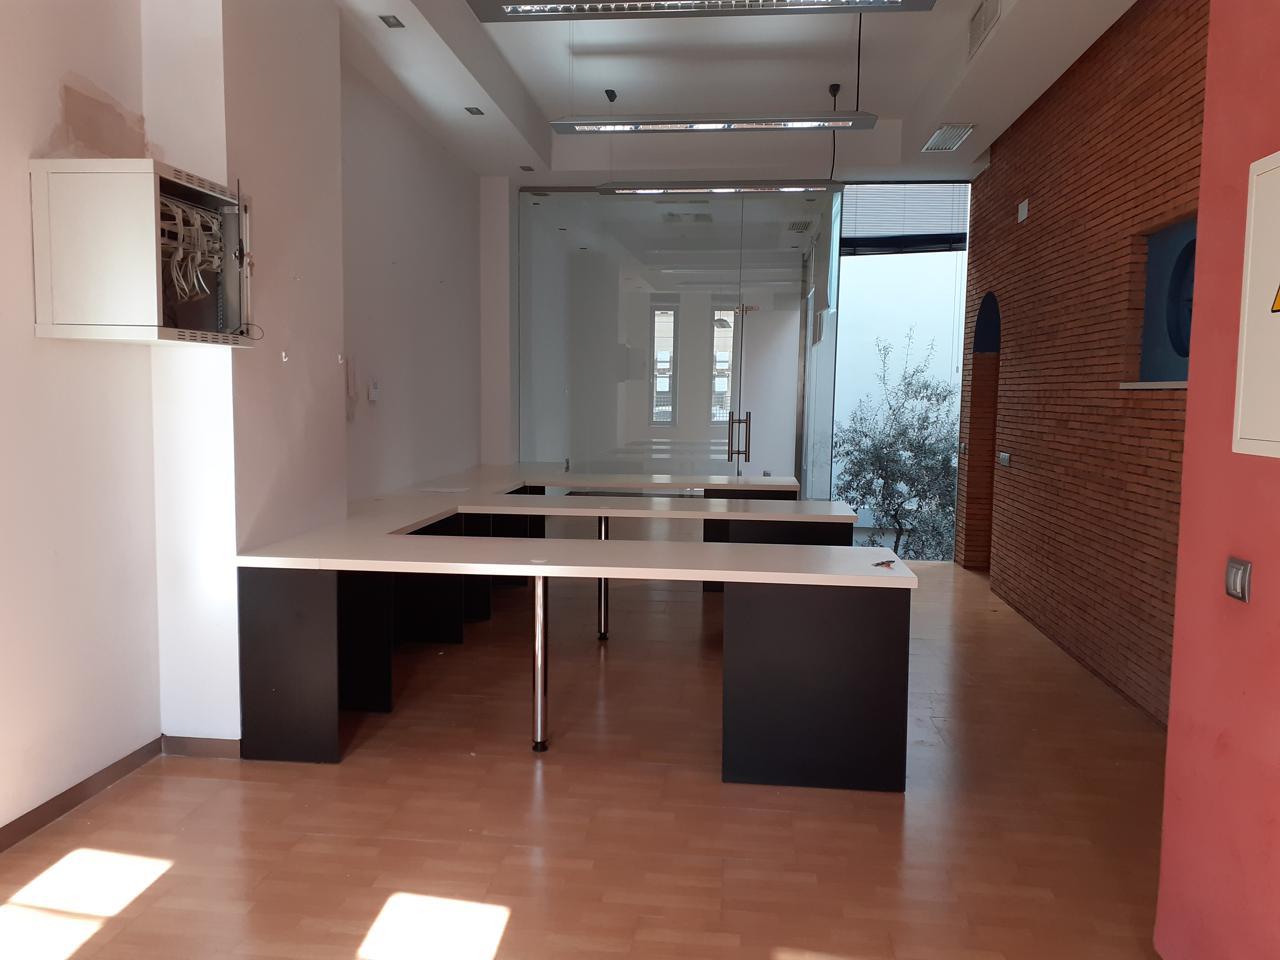 Alquiler Oficina en La Paz. Se alquila oficina en planta baja zona parque centro, compuesta